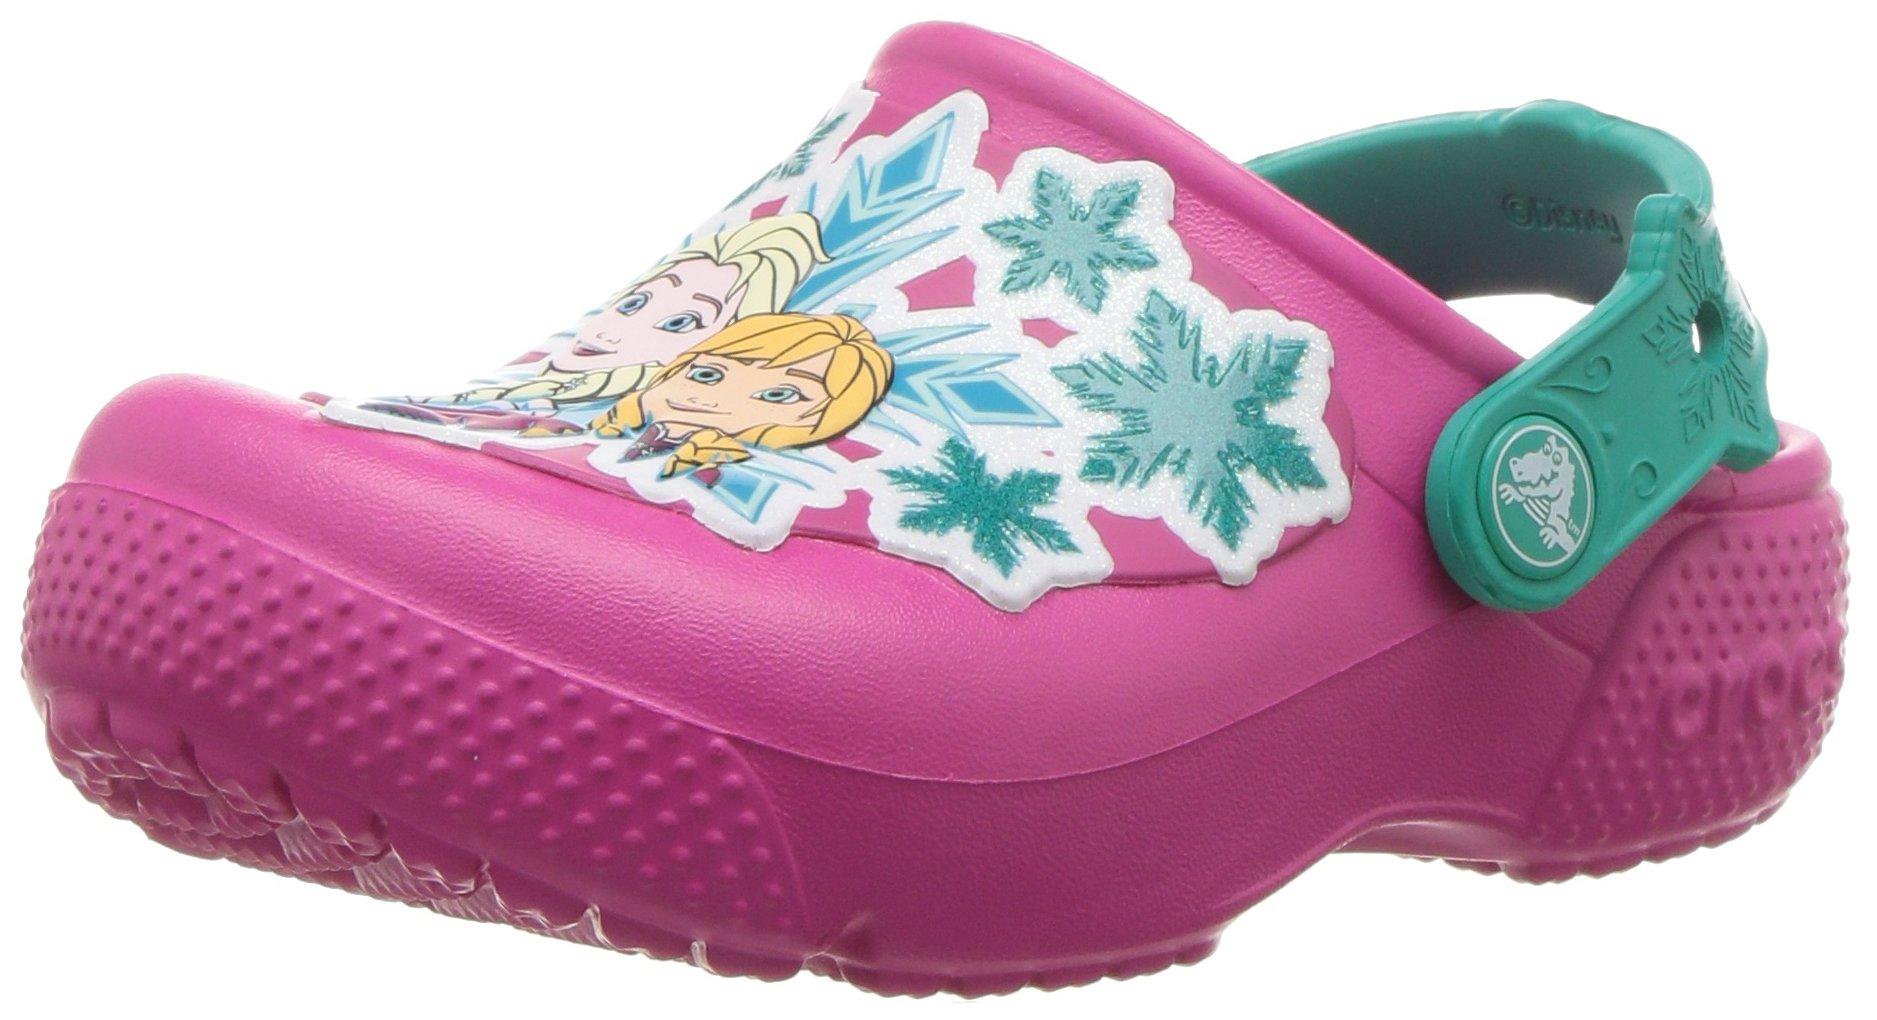 Crocs Girls' Fun Lab Frozen K Clog, Candy Pink, 7 M US Toddler